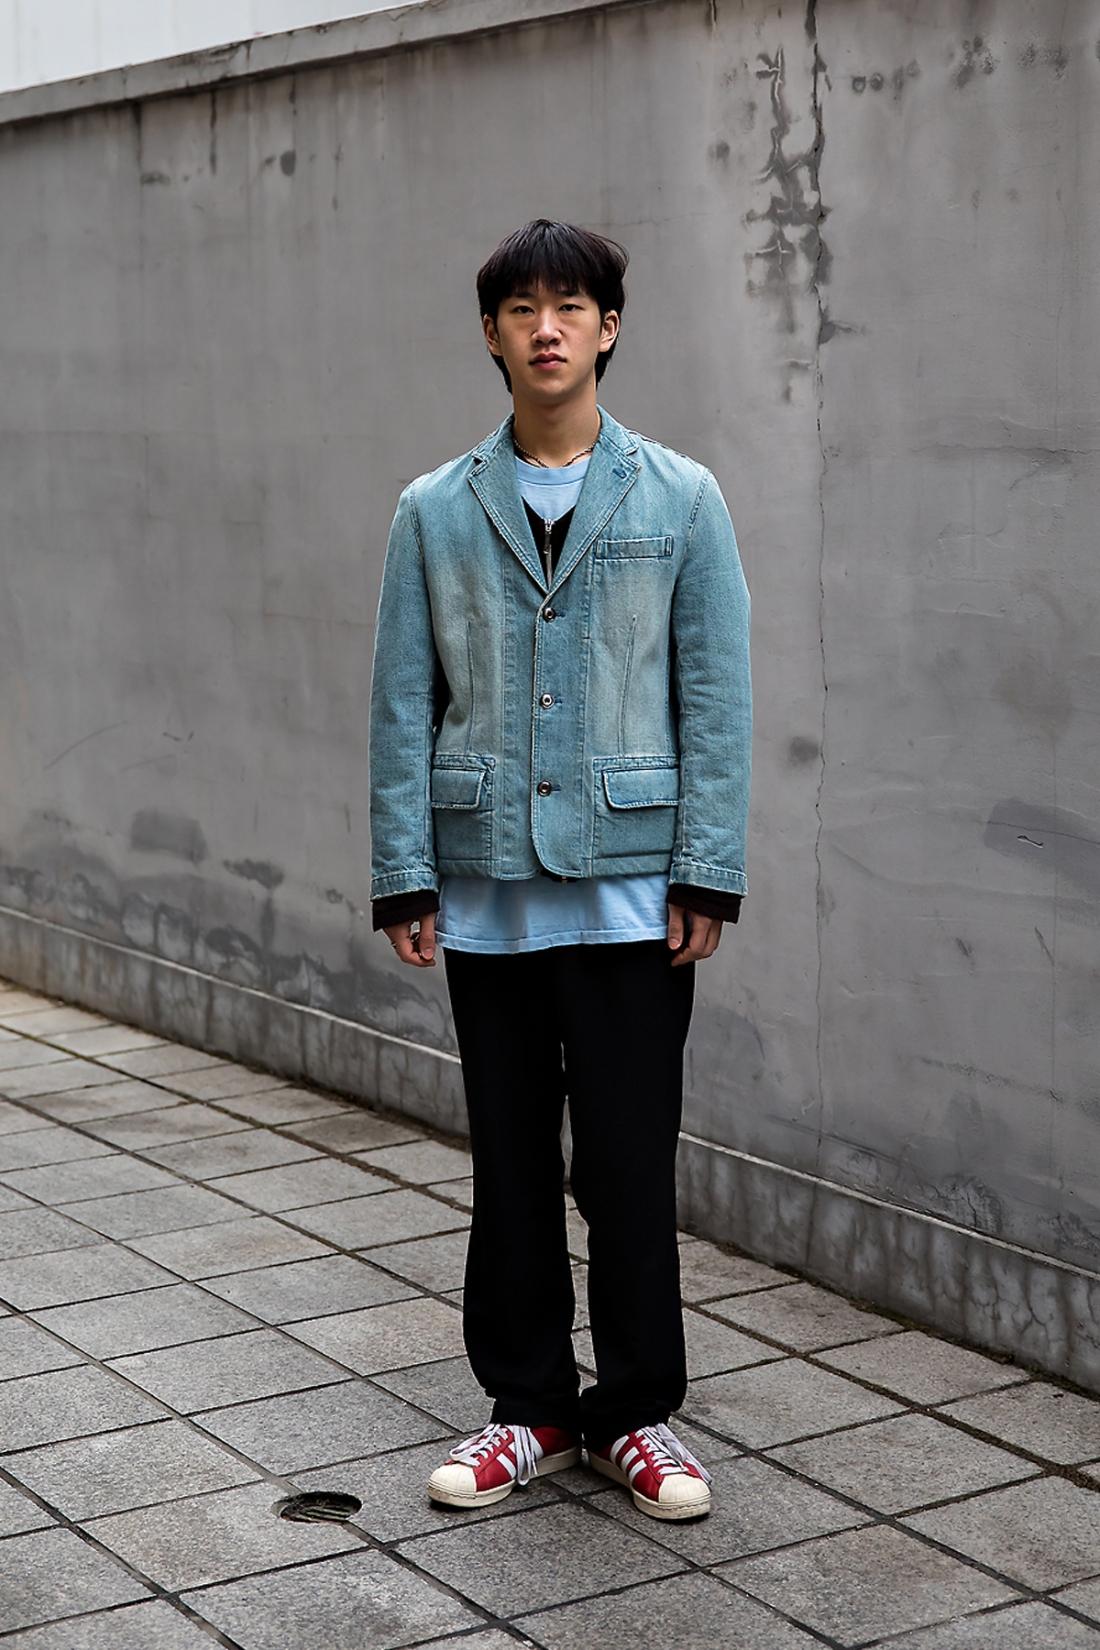 Son Hyungwan, Street Fashion 2017 in SEOUL.jpg